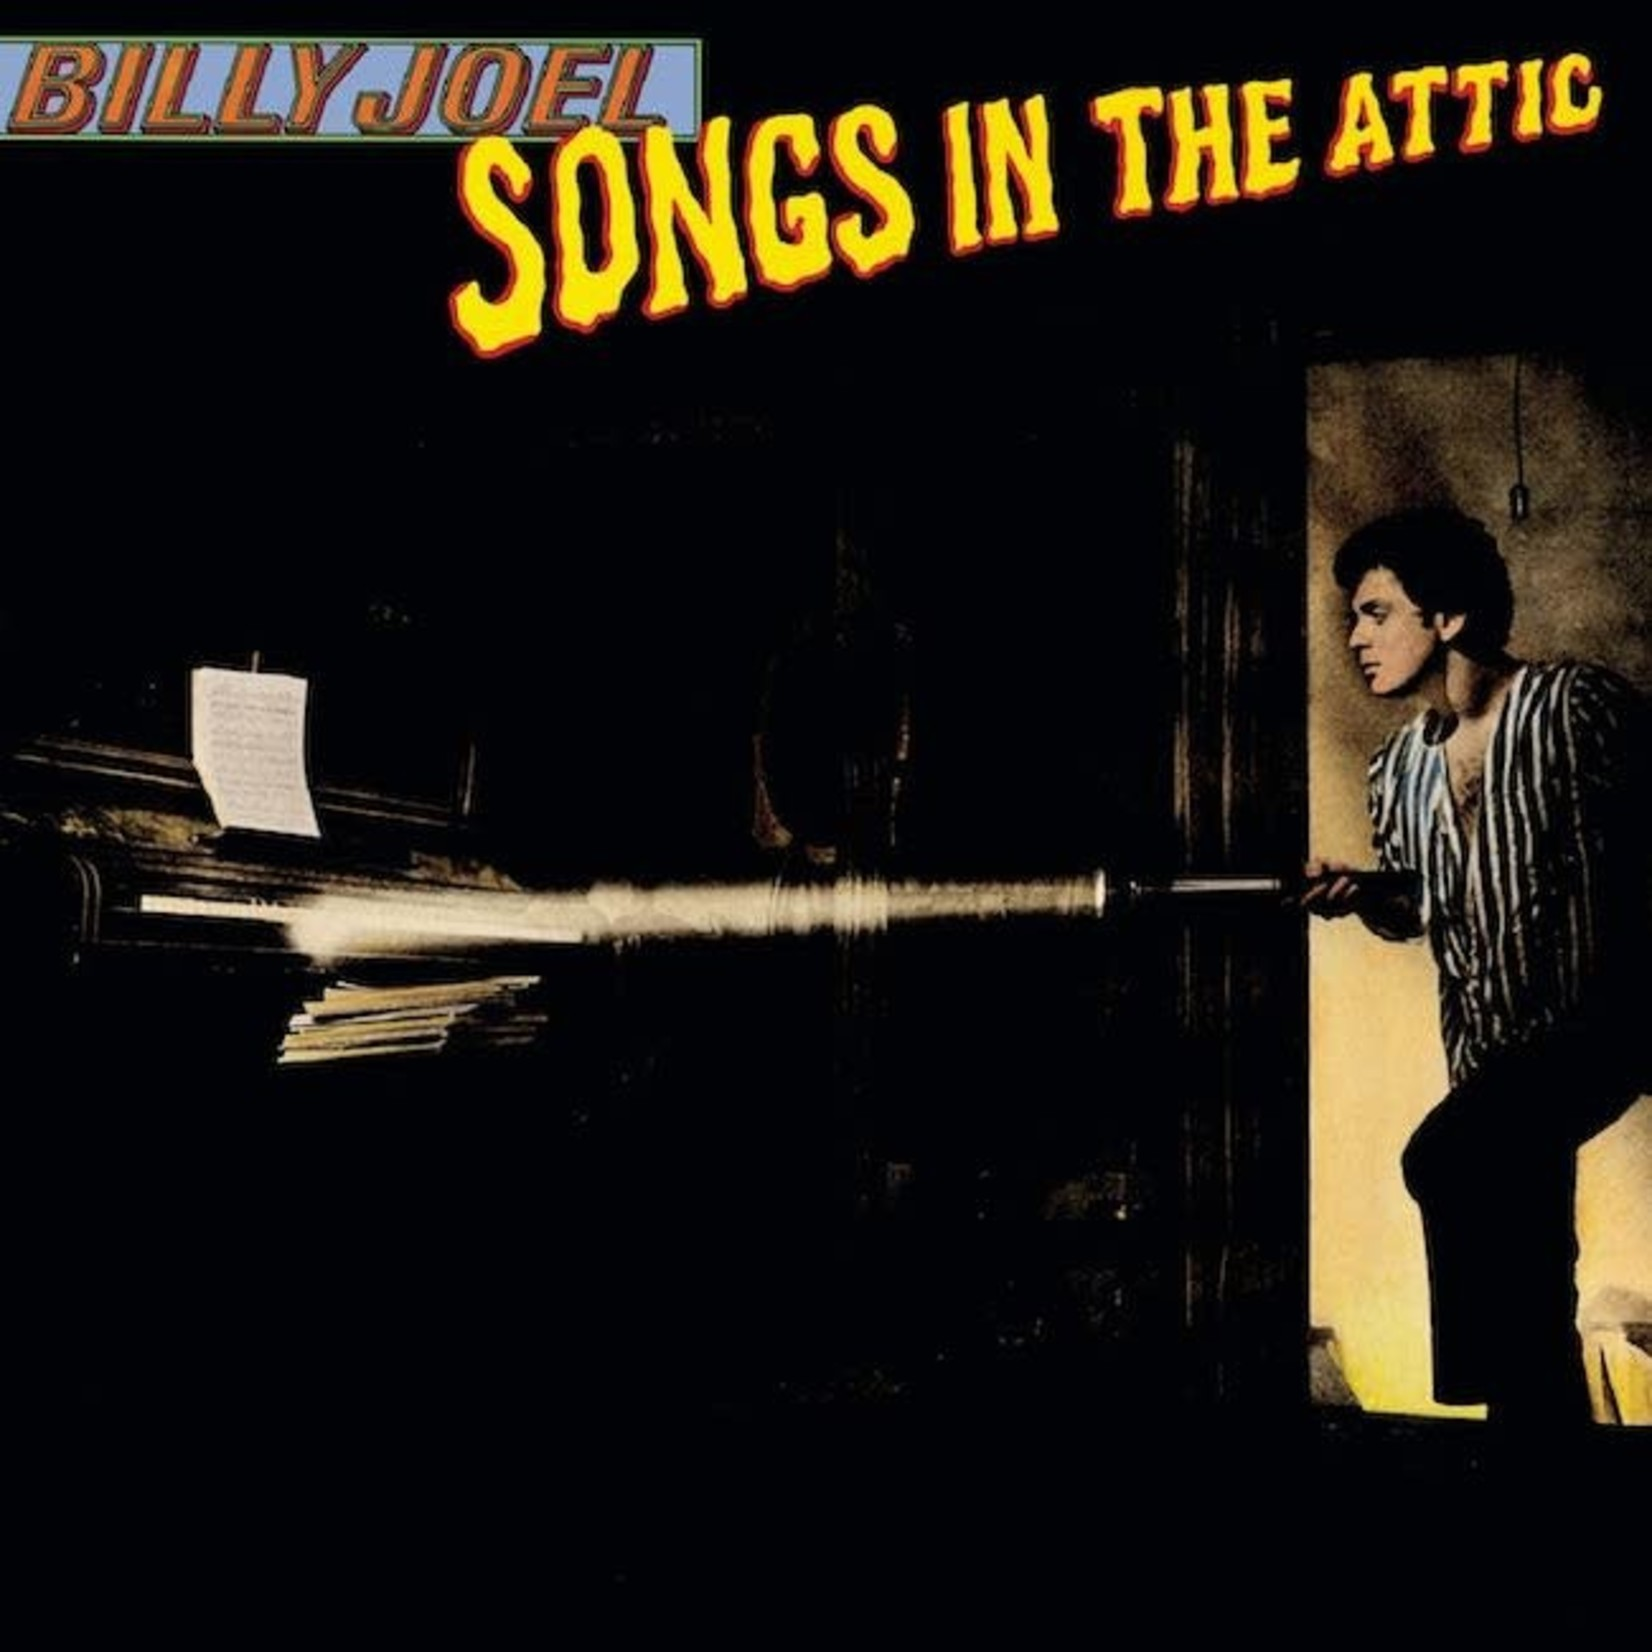 [Vintage] Joel, Billy: Songs in the Attic